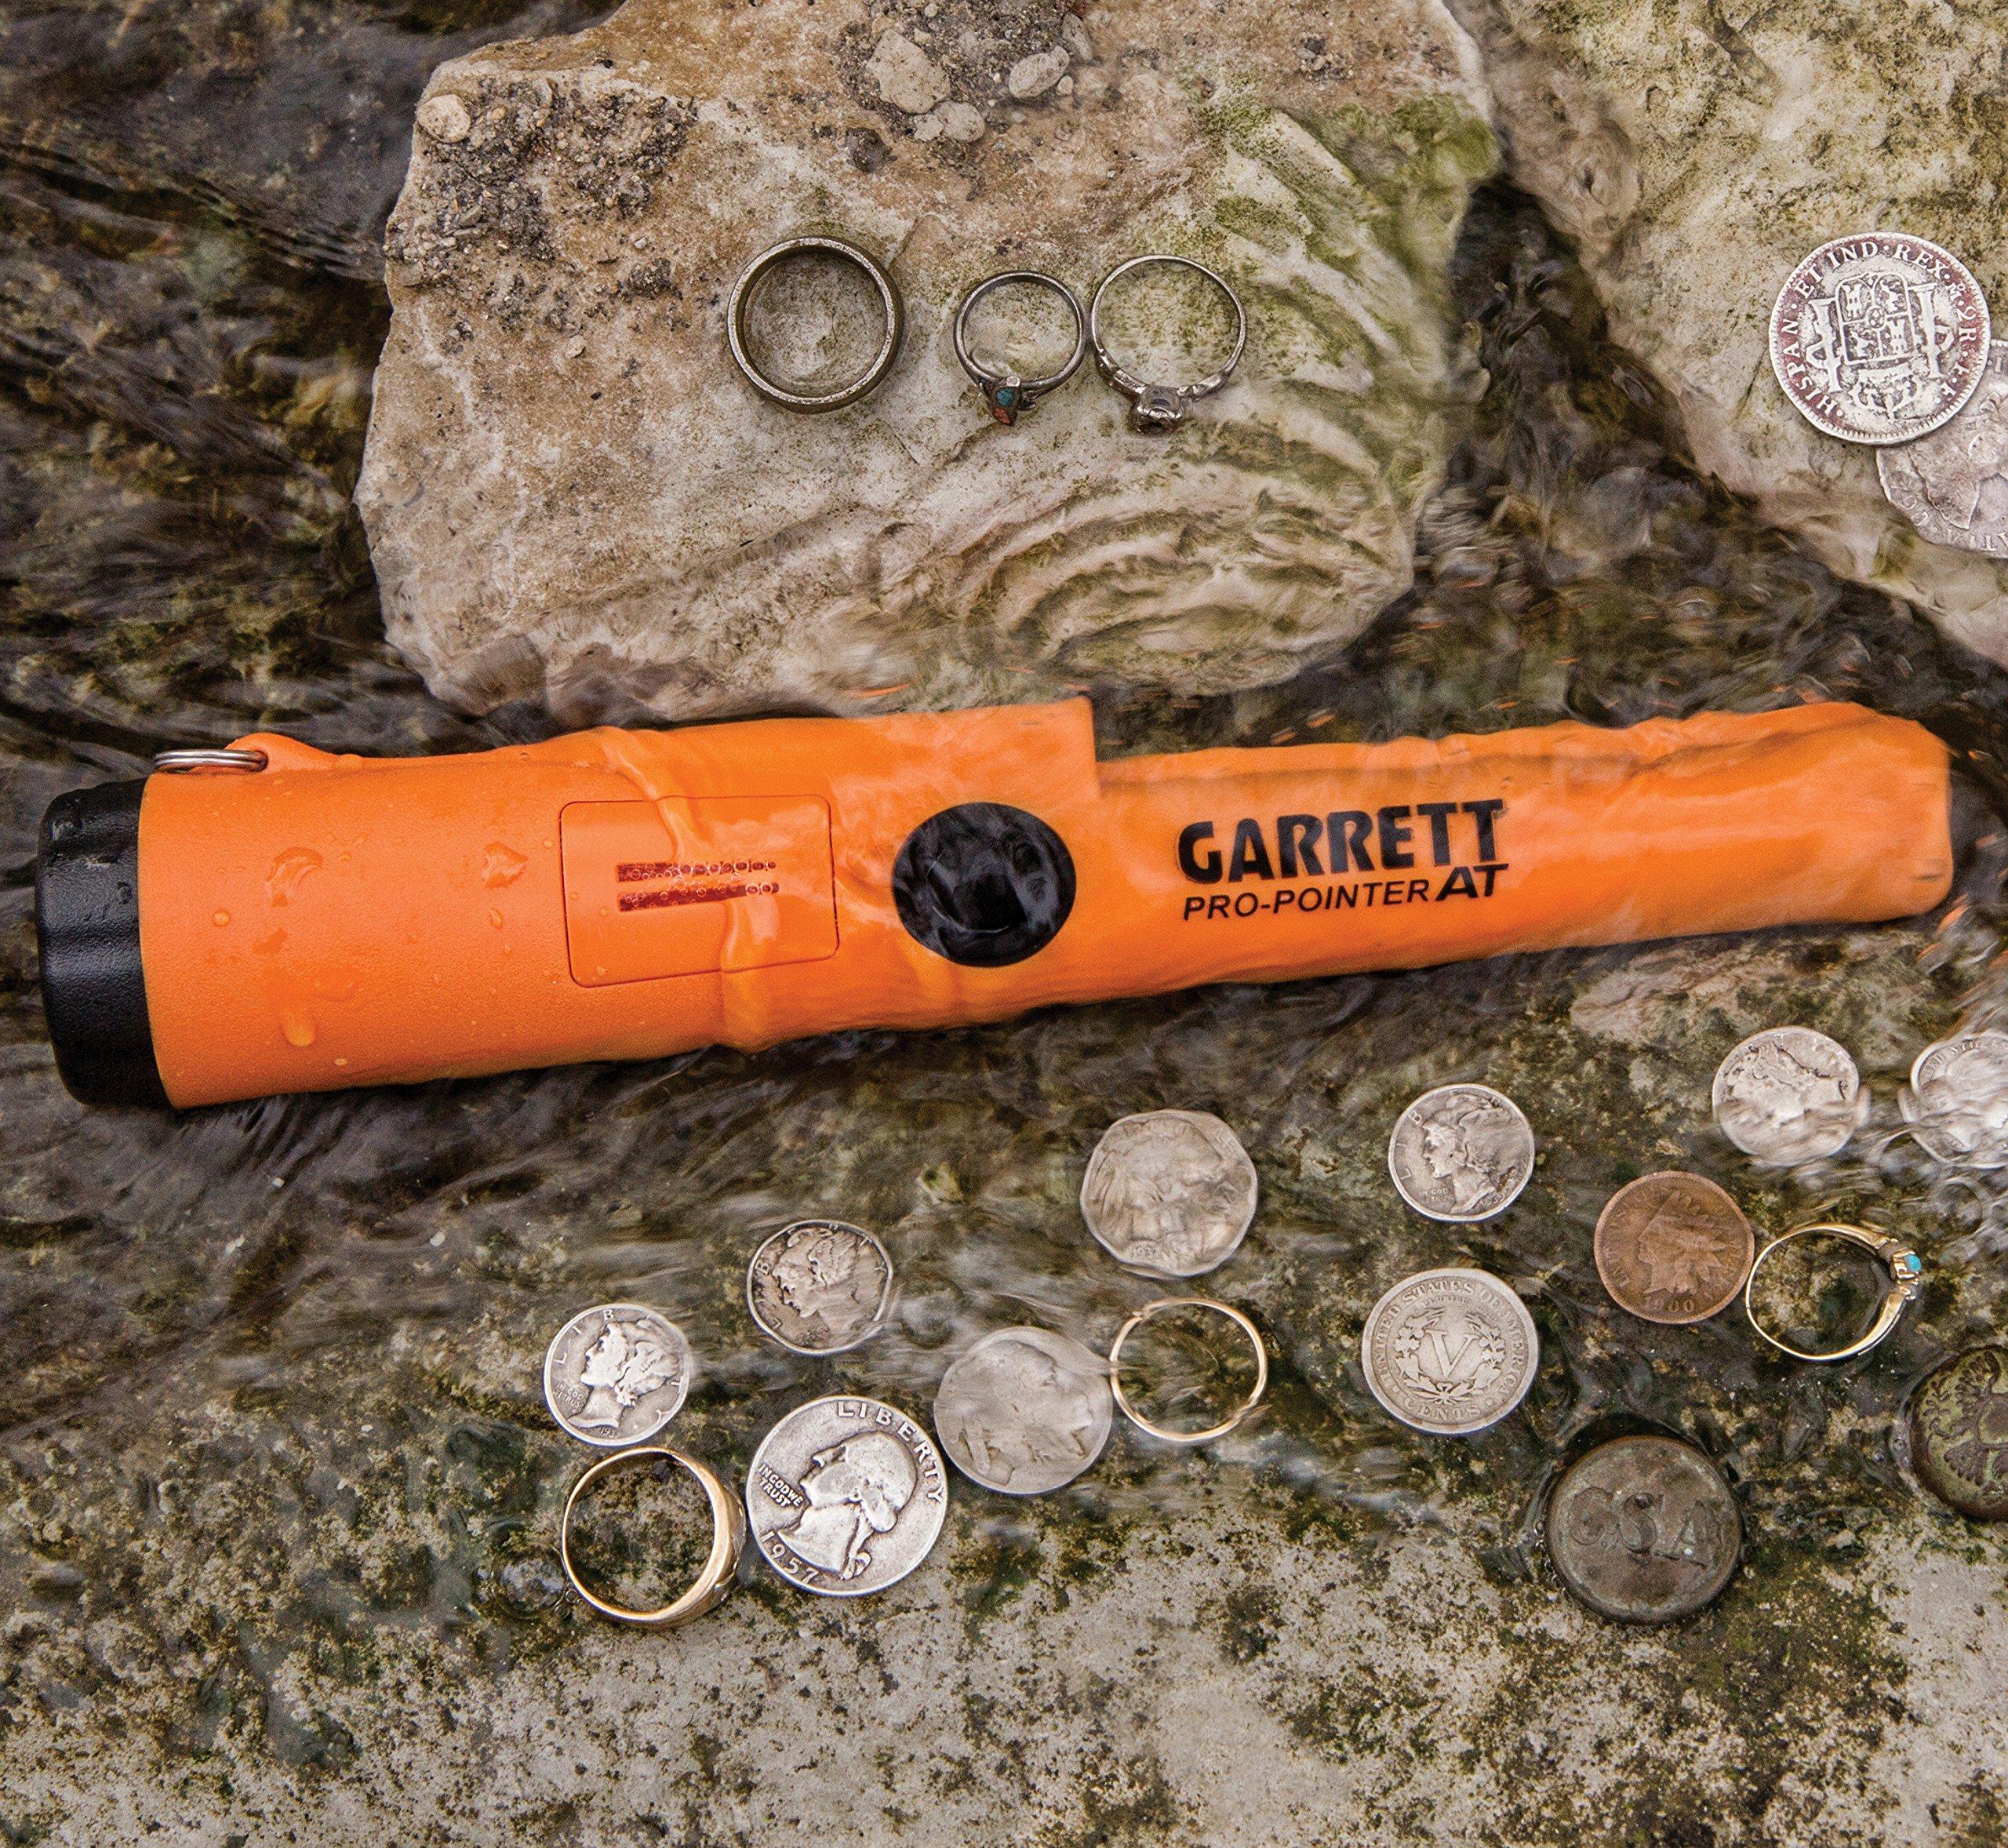 Garrett Pro Pointer ATMetal Detector Waterproof ProPointer with Garrett Camo Pouch by Garrett (Image #7)